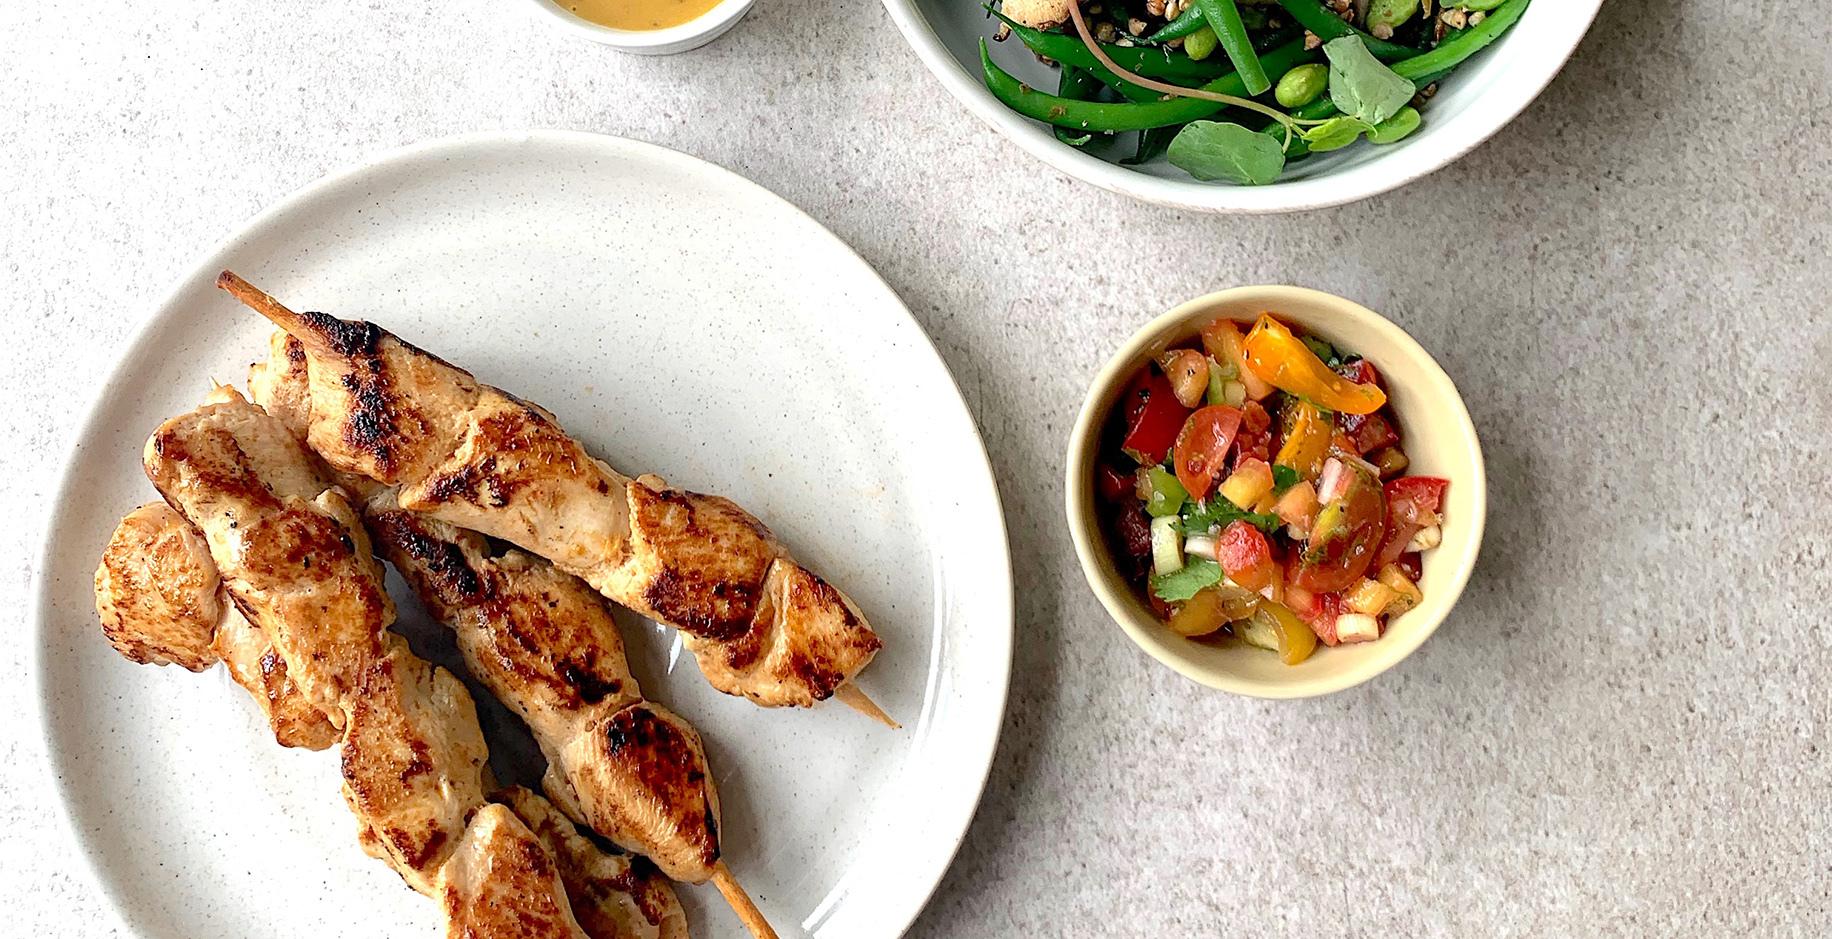 Brochette de poulet style Sud Ouest salsa et salade